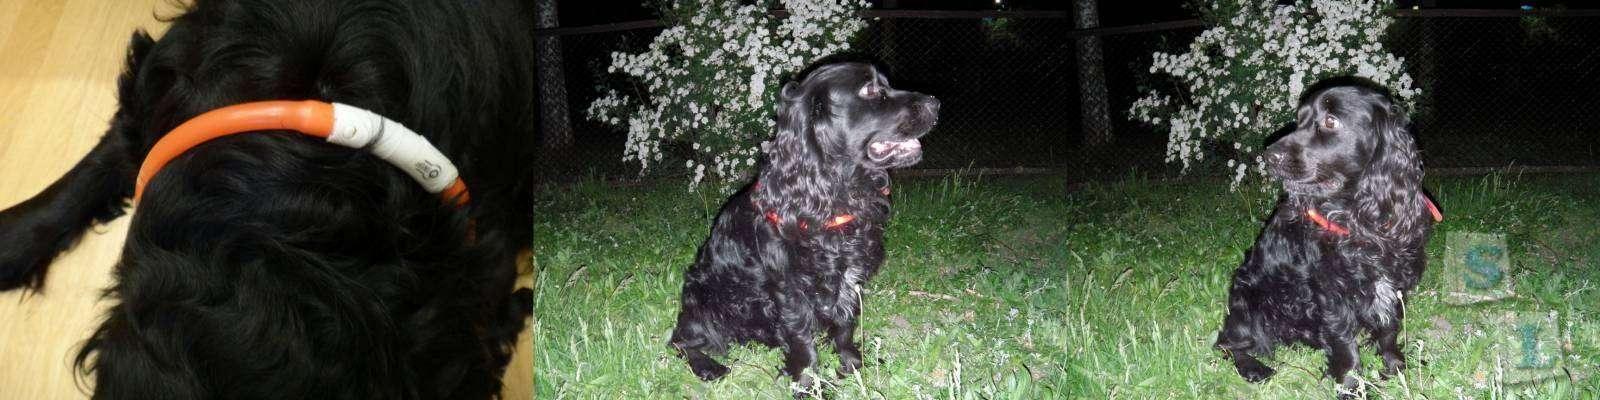 Banggood: Обзор силиконового светодиодного светящегося ошейника для собак, с USB зарядкой